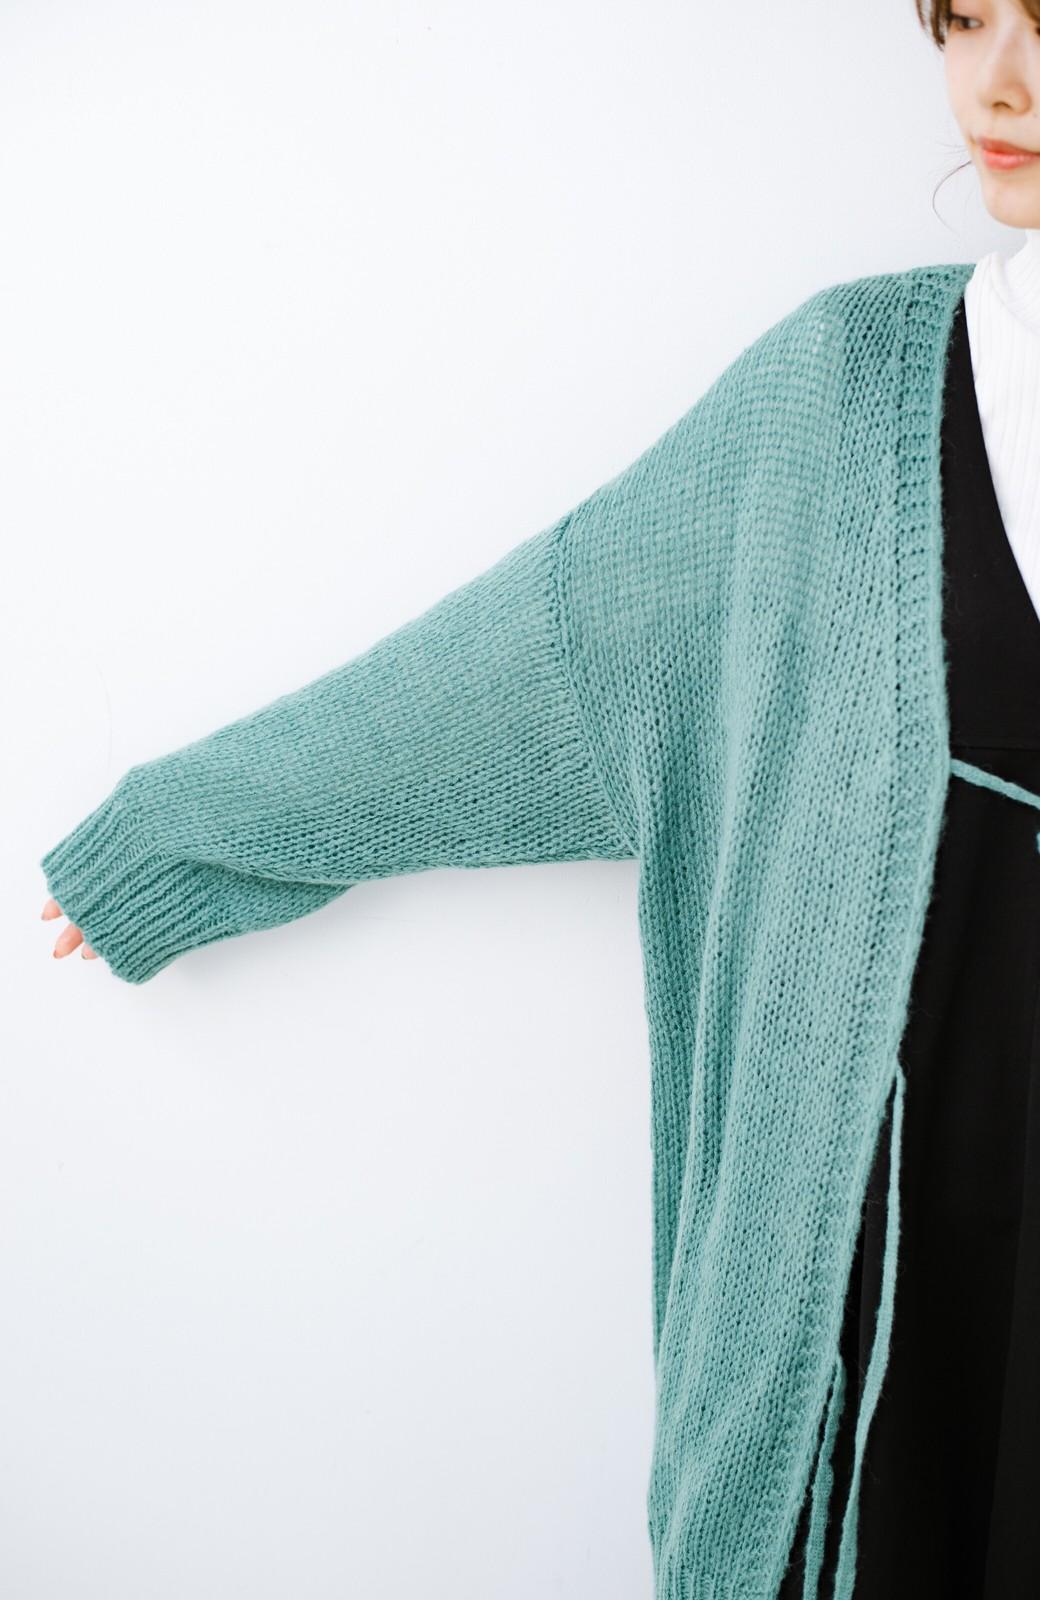 haco! ゆるゆるゆる編みで軽やかにかわいくなれる 前後ろ2WAYカーディガン <ミント>の商品写真10